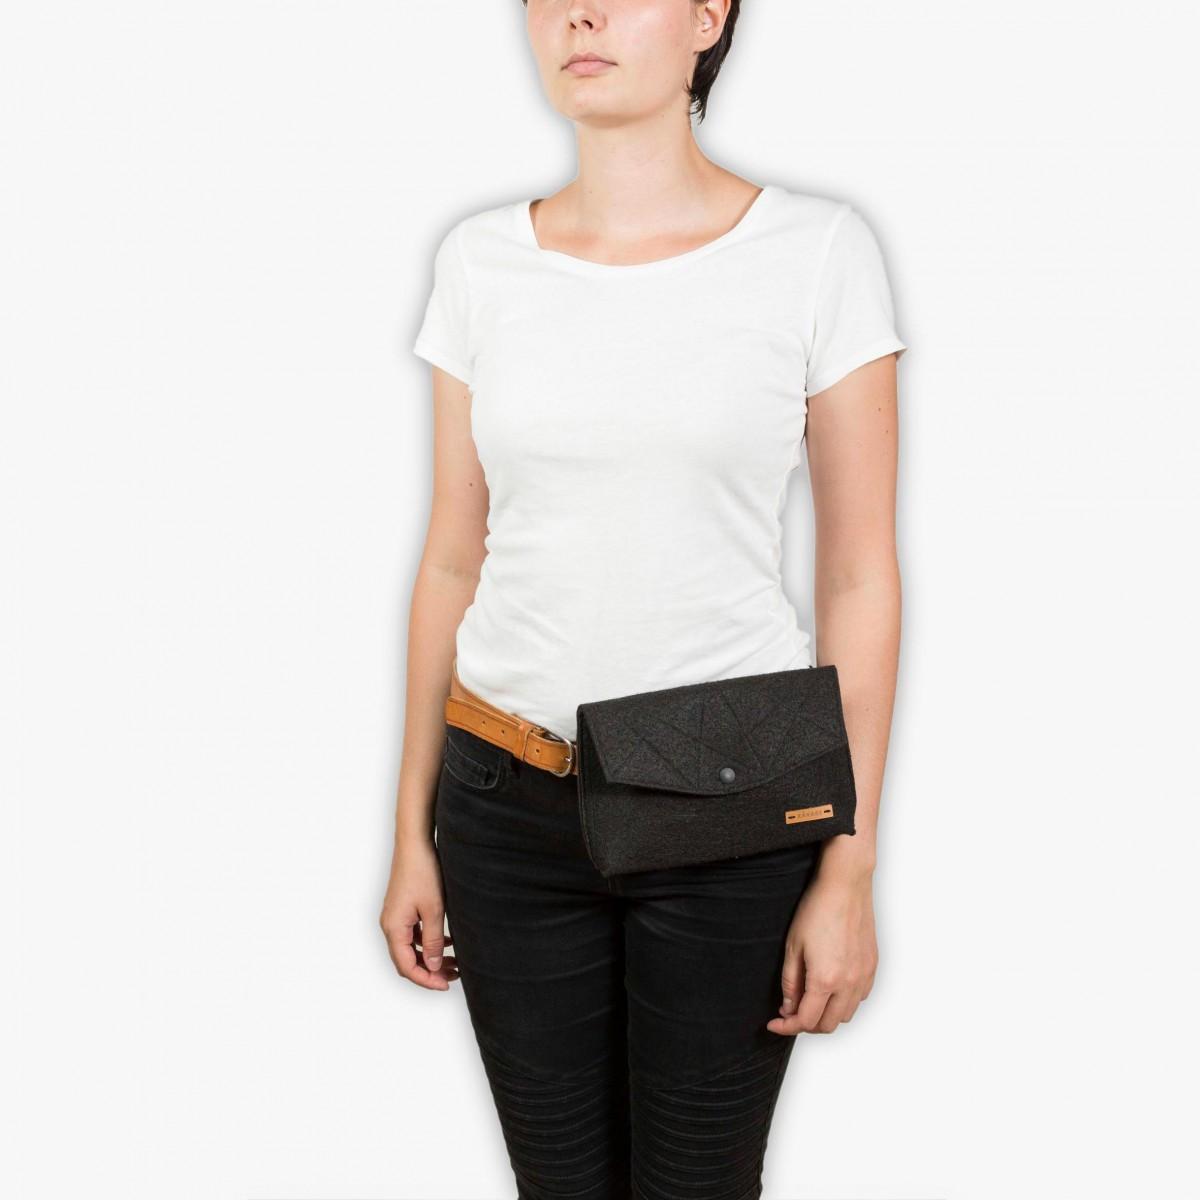 RÅVARE Schicke Umhängetasche mit 2 Tragemöglichkeiten, Clutch & Gürteltasche, kleine Handtasche, Abendtasche [GJOKO]